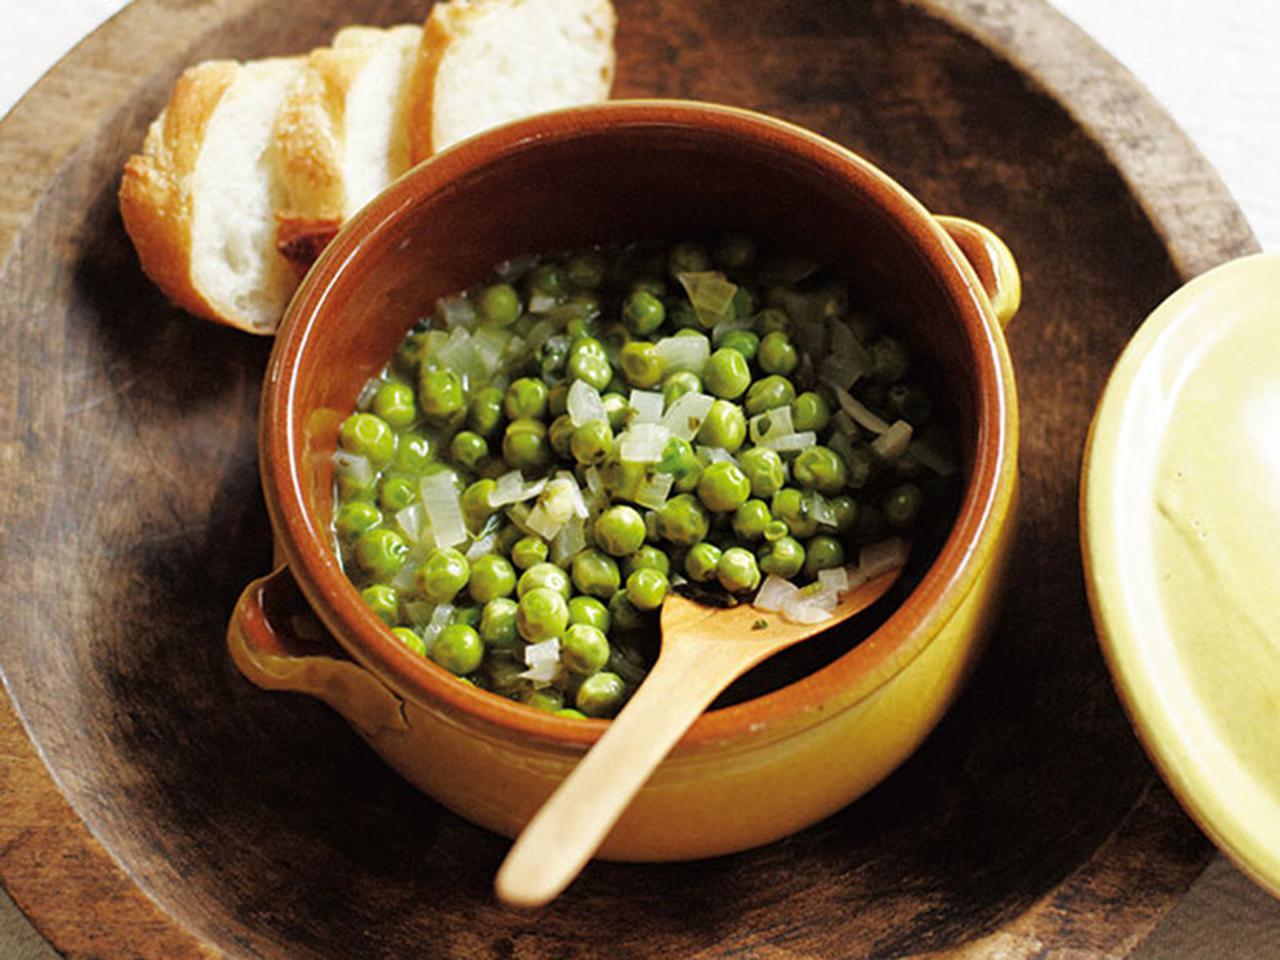 どれも手軽で試したくなる、スペイン修道院の春の料理レシピ7選。